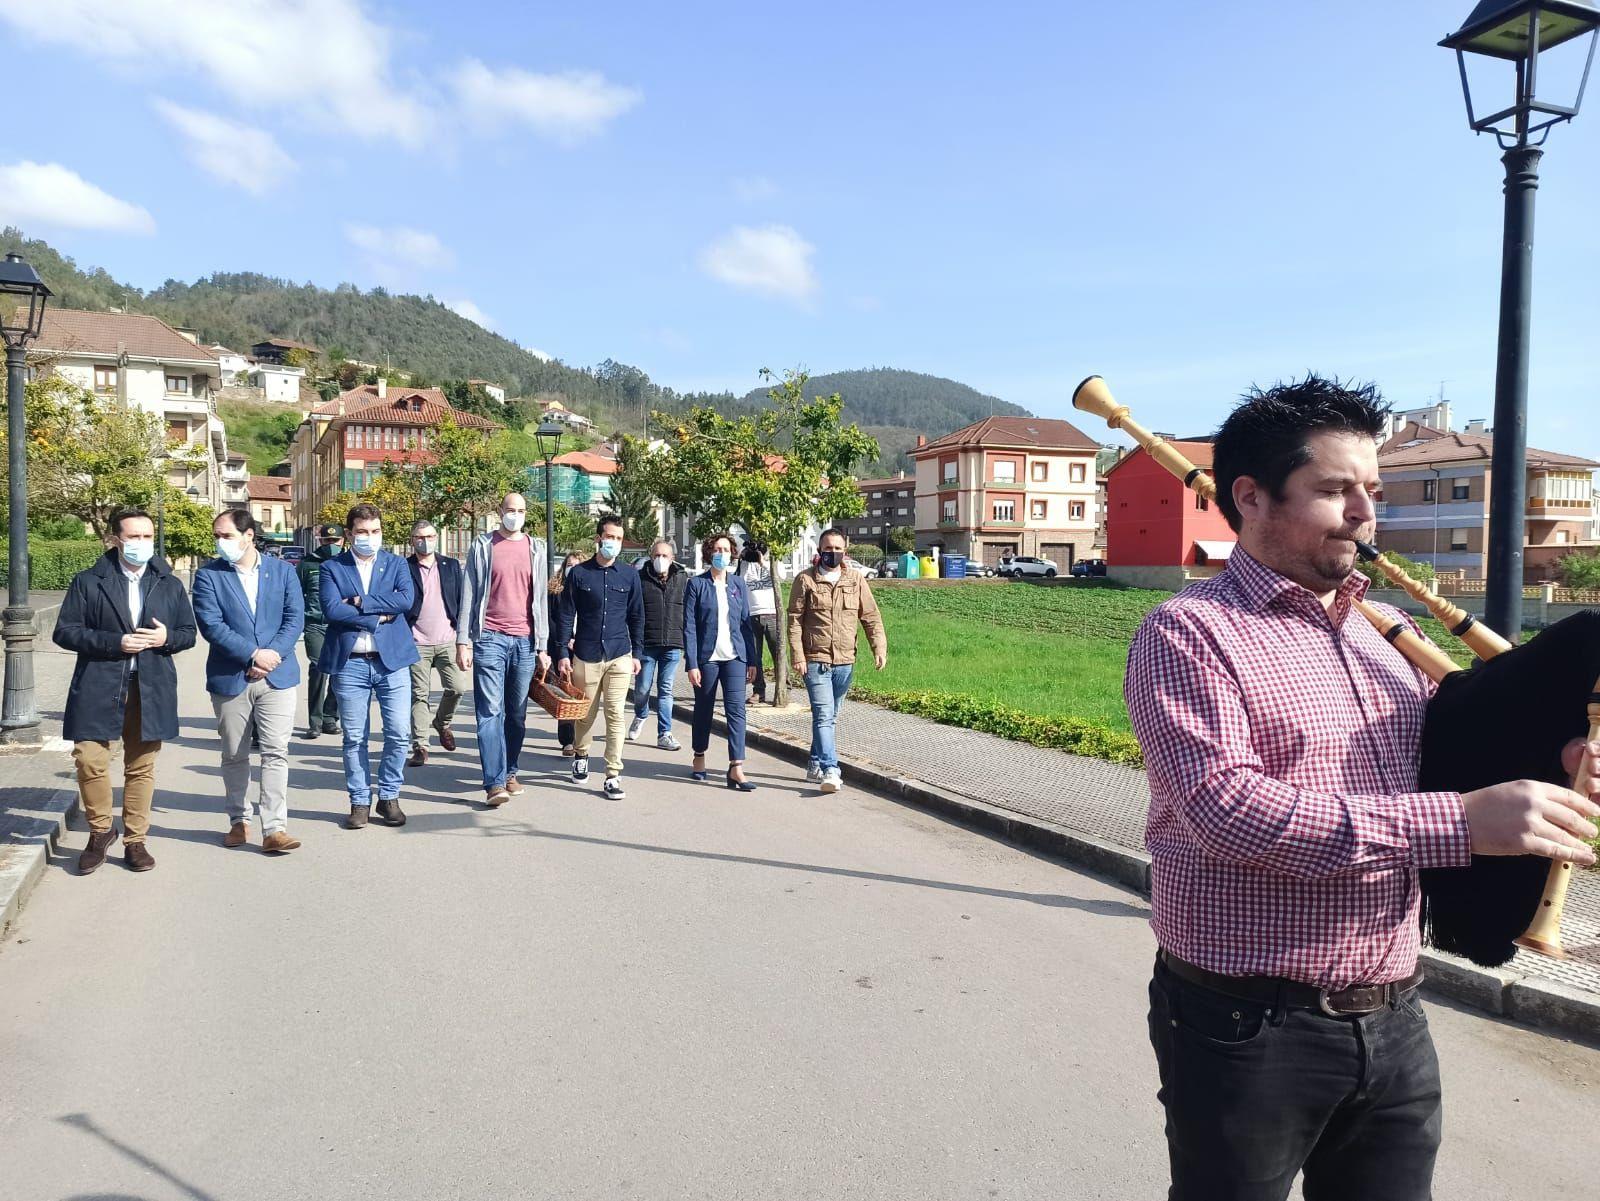 Subasta del campanu de Asturias en Cornellana